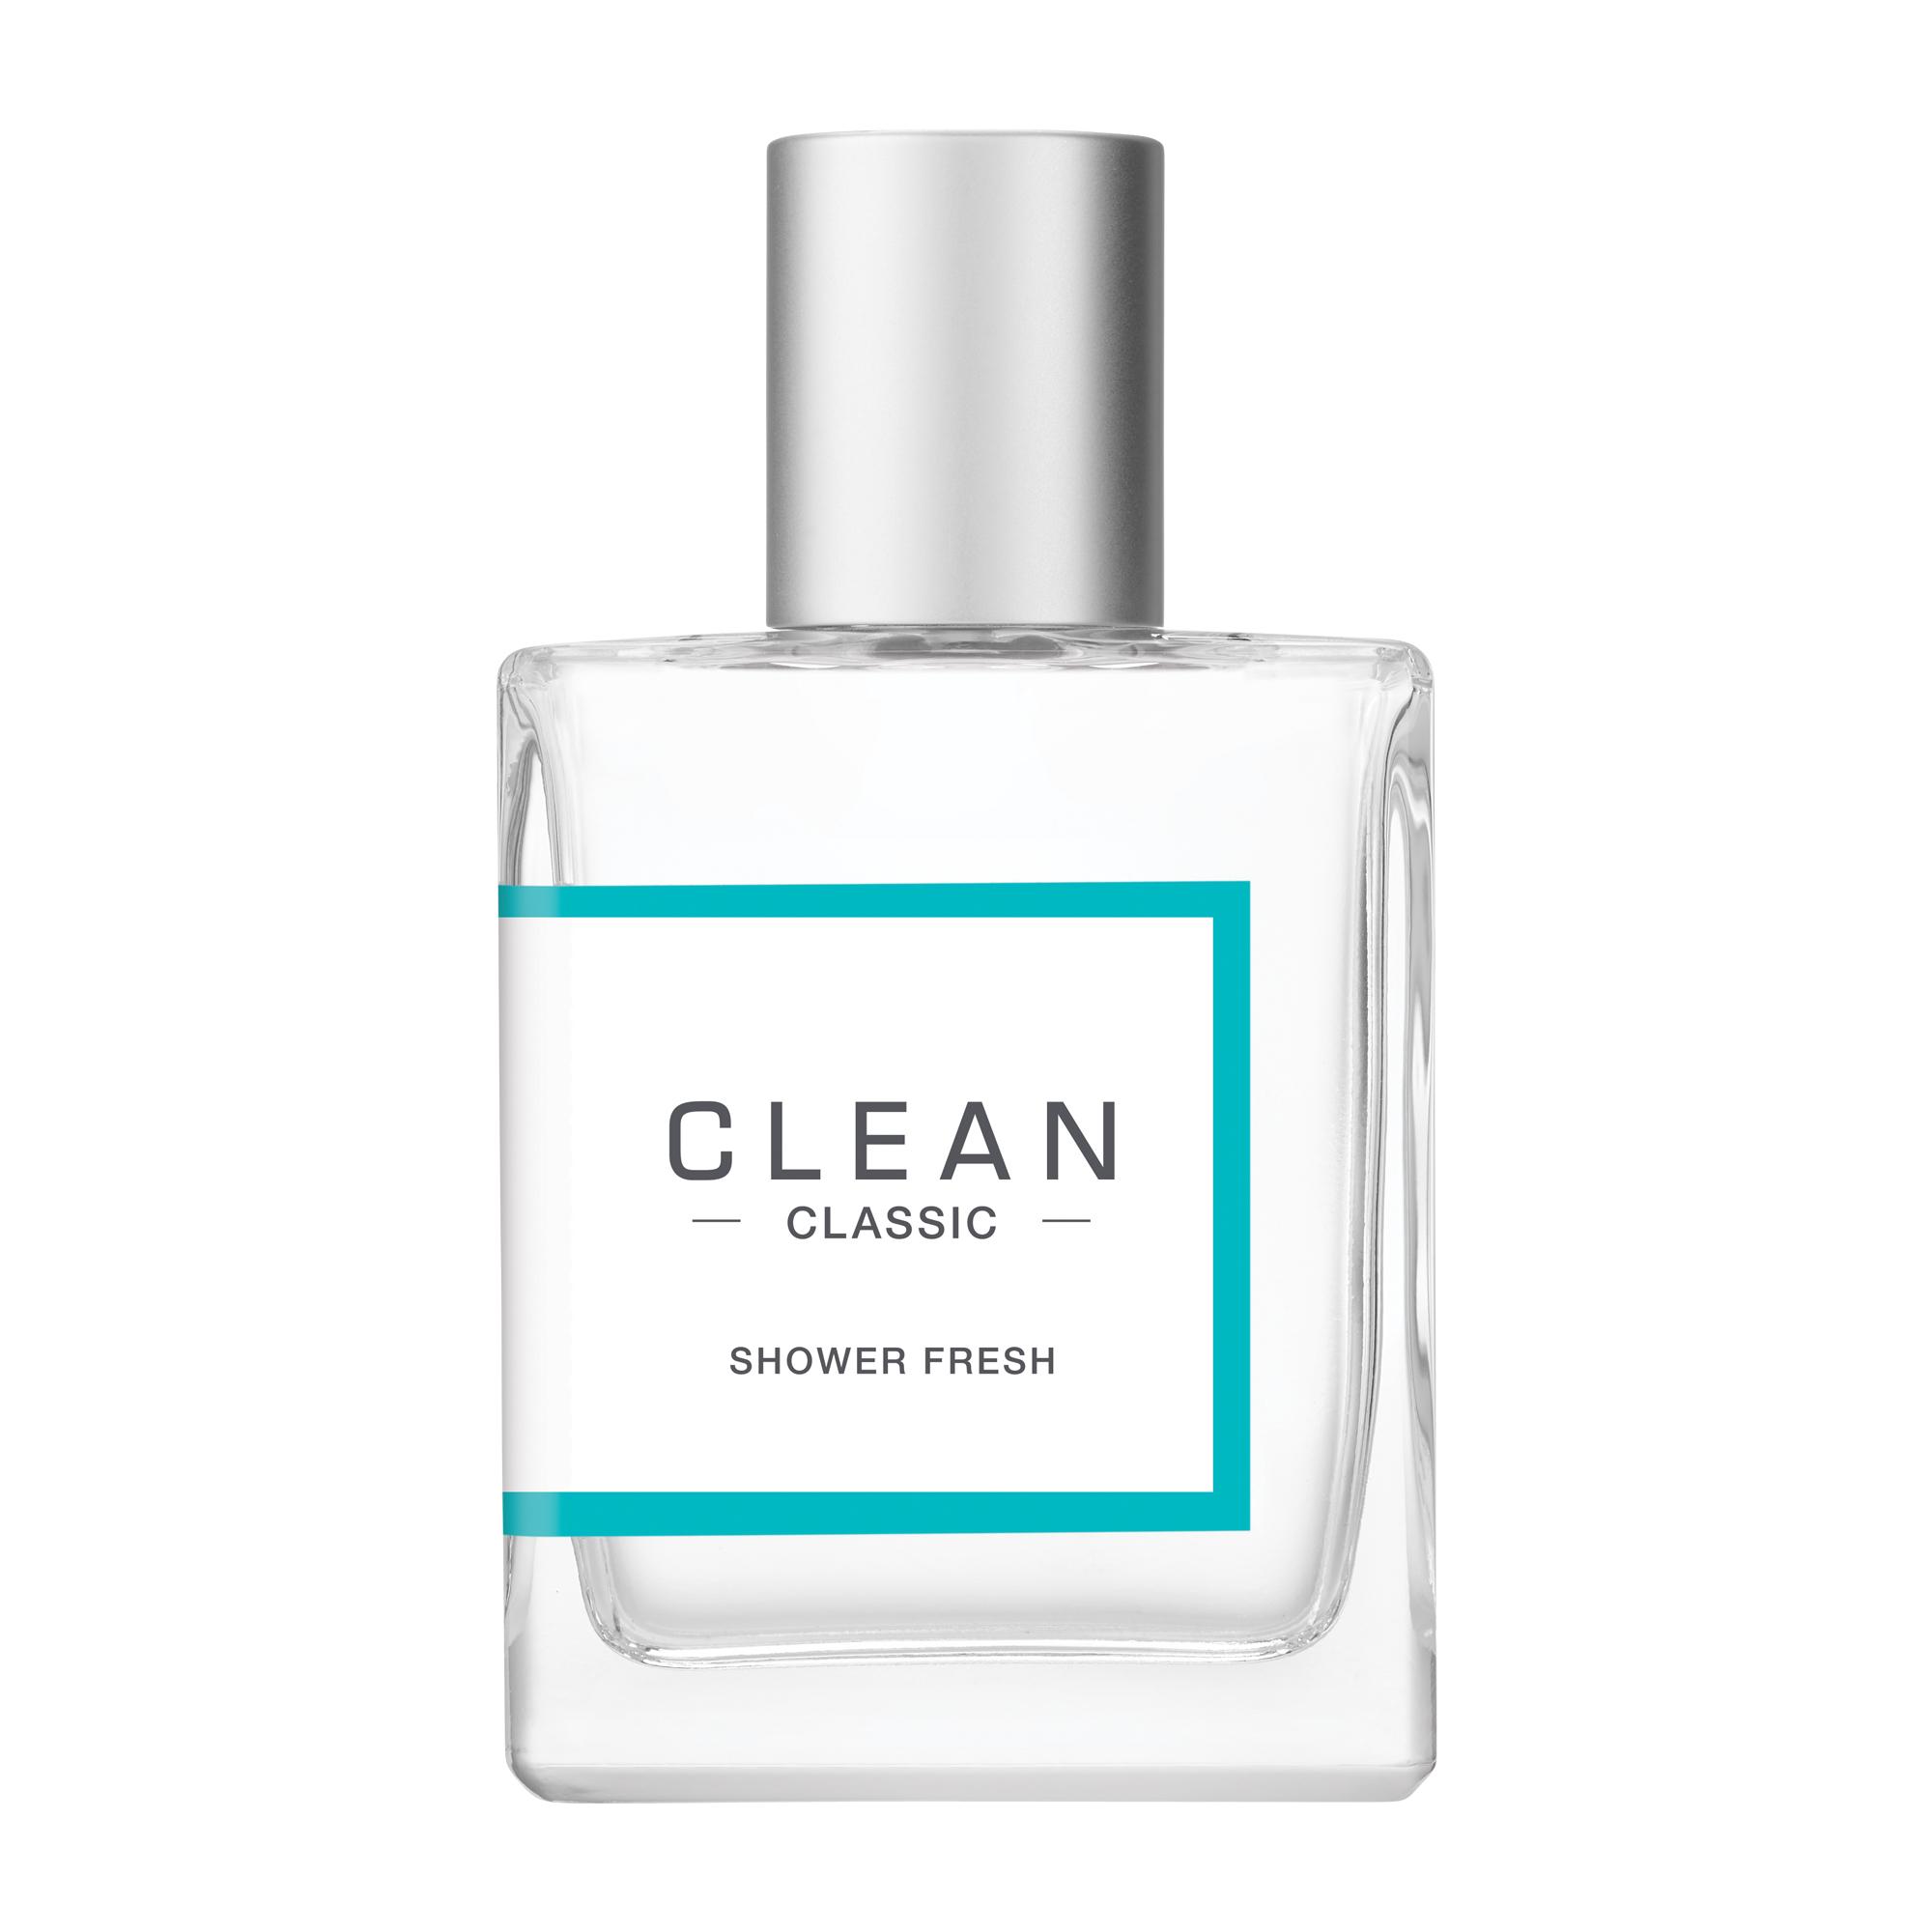 CLEAN Shower Fresh EDP, 60 ml